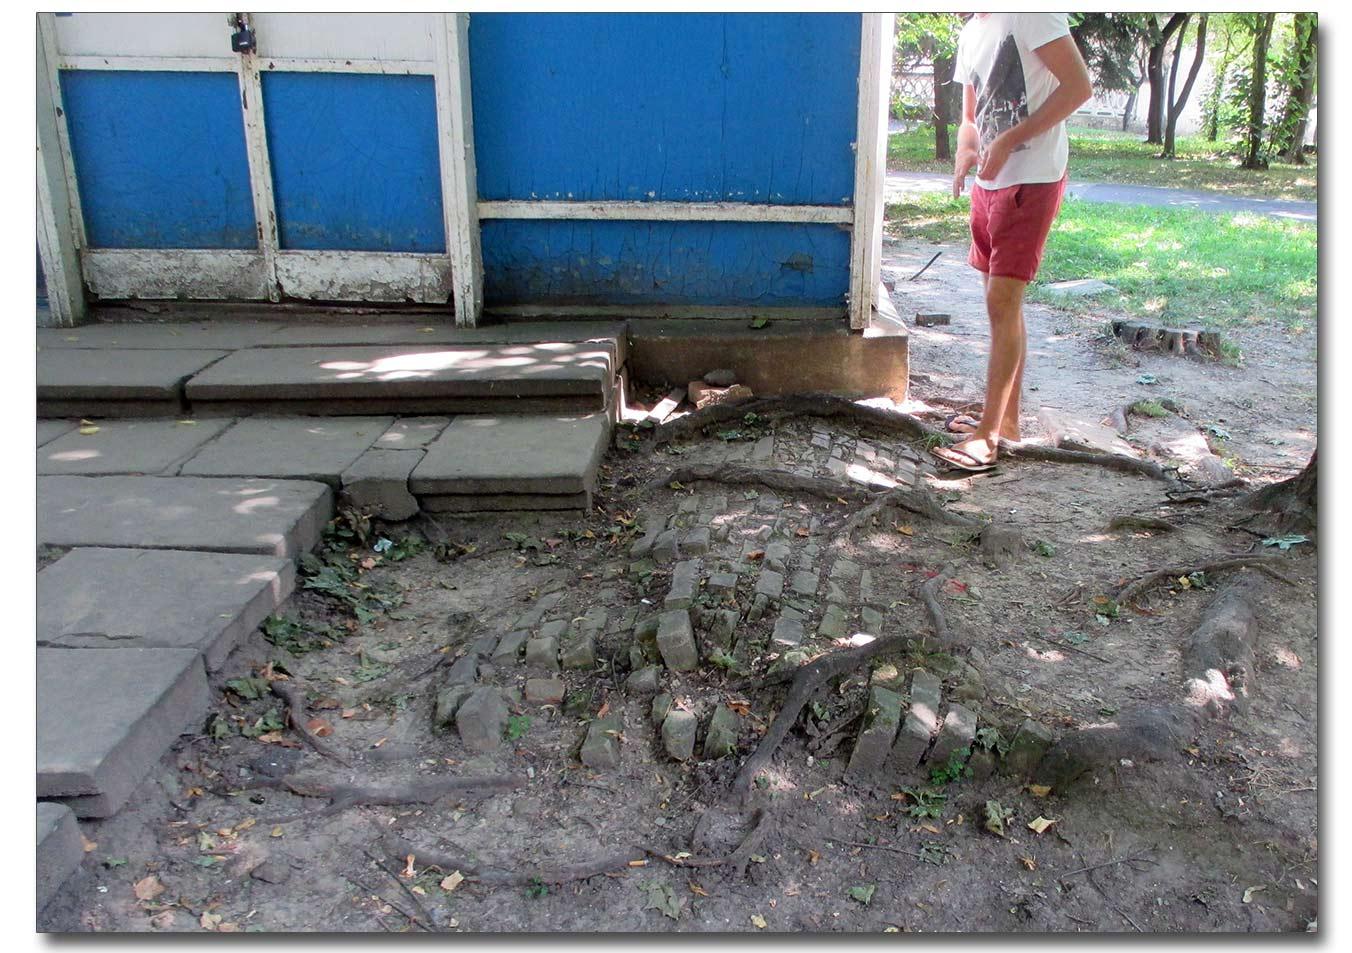 Wystający fragment grobowca w winnickim parku rozrywki przy klubie szachowym